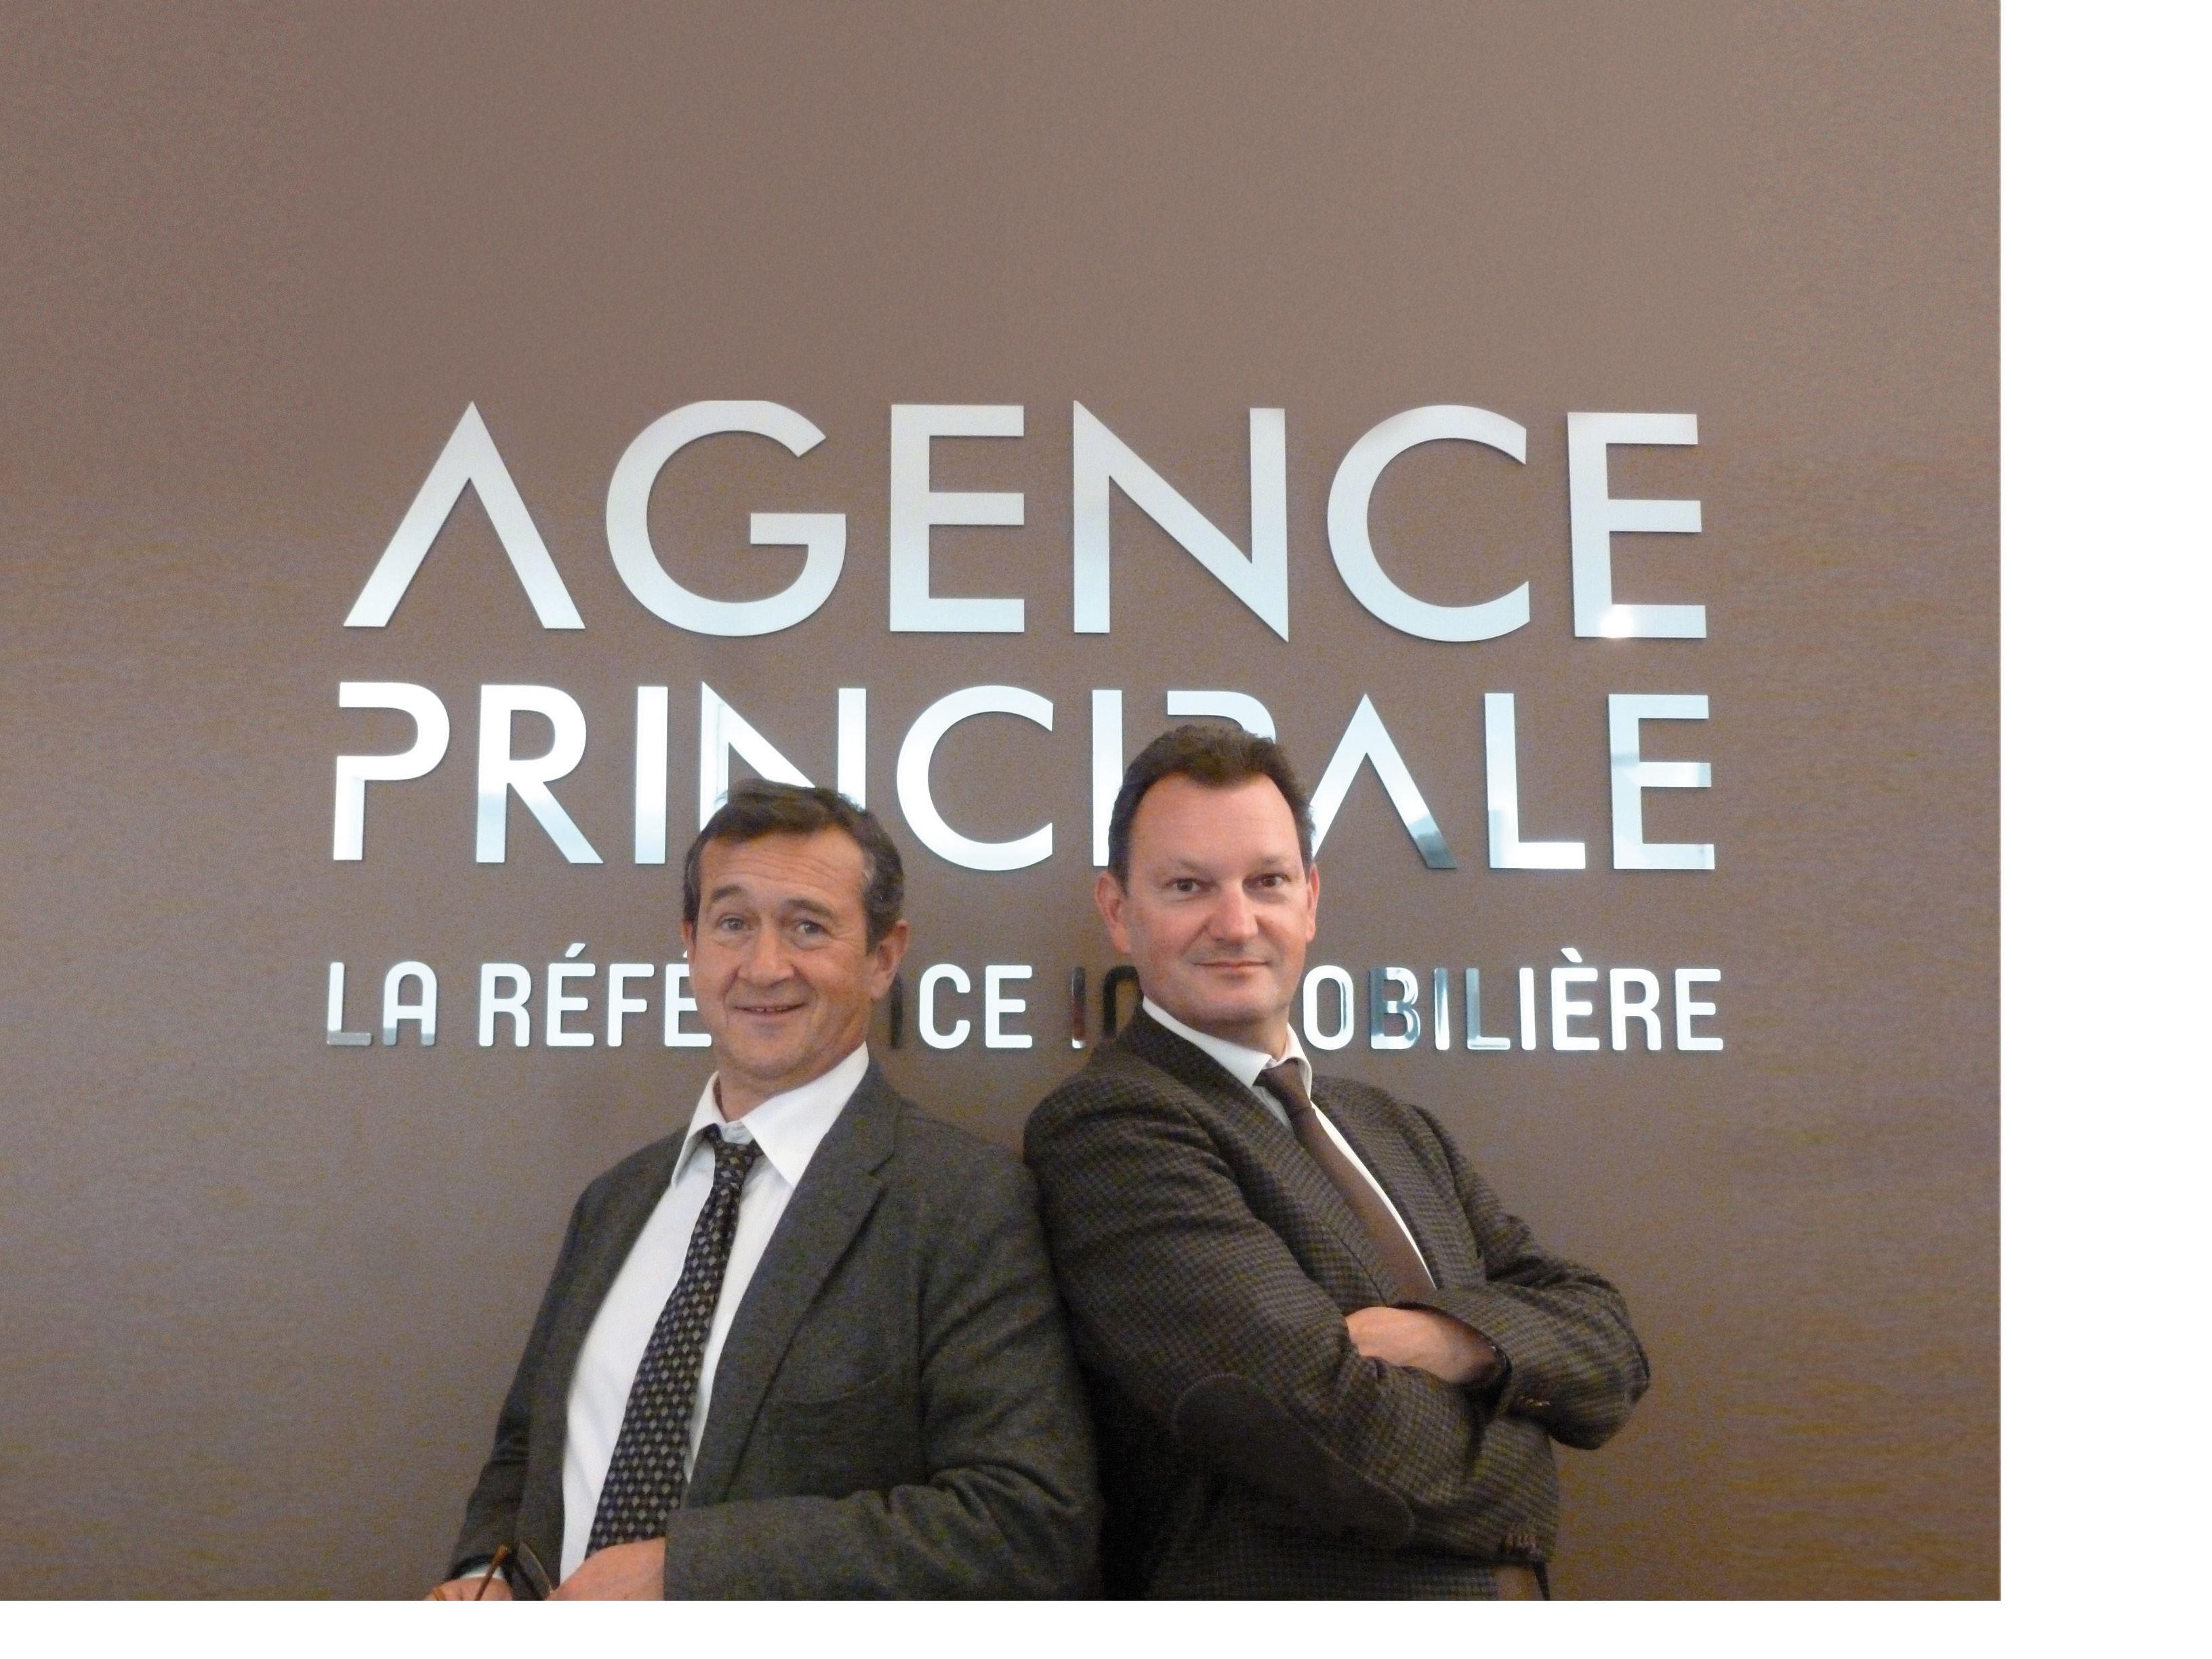 co-fondateurs de la franchise immobilière Agence Prinicpale